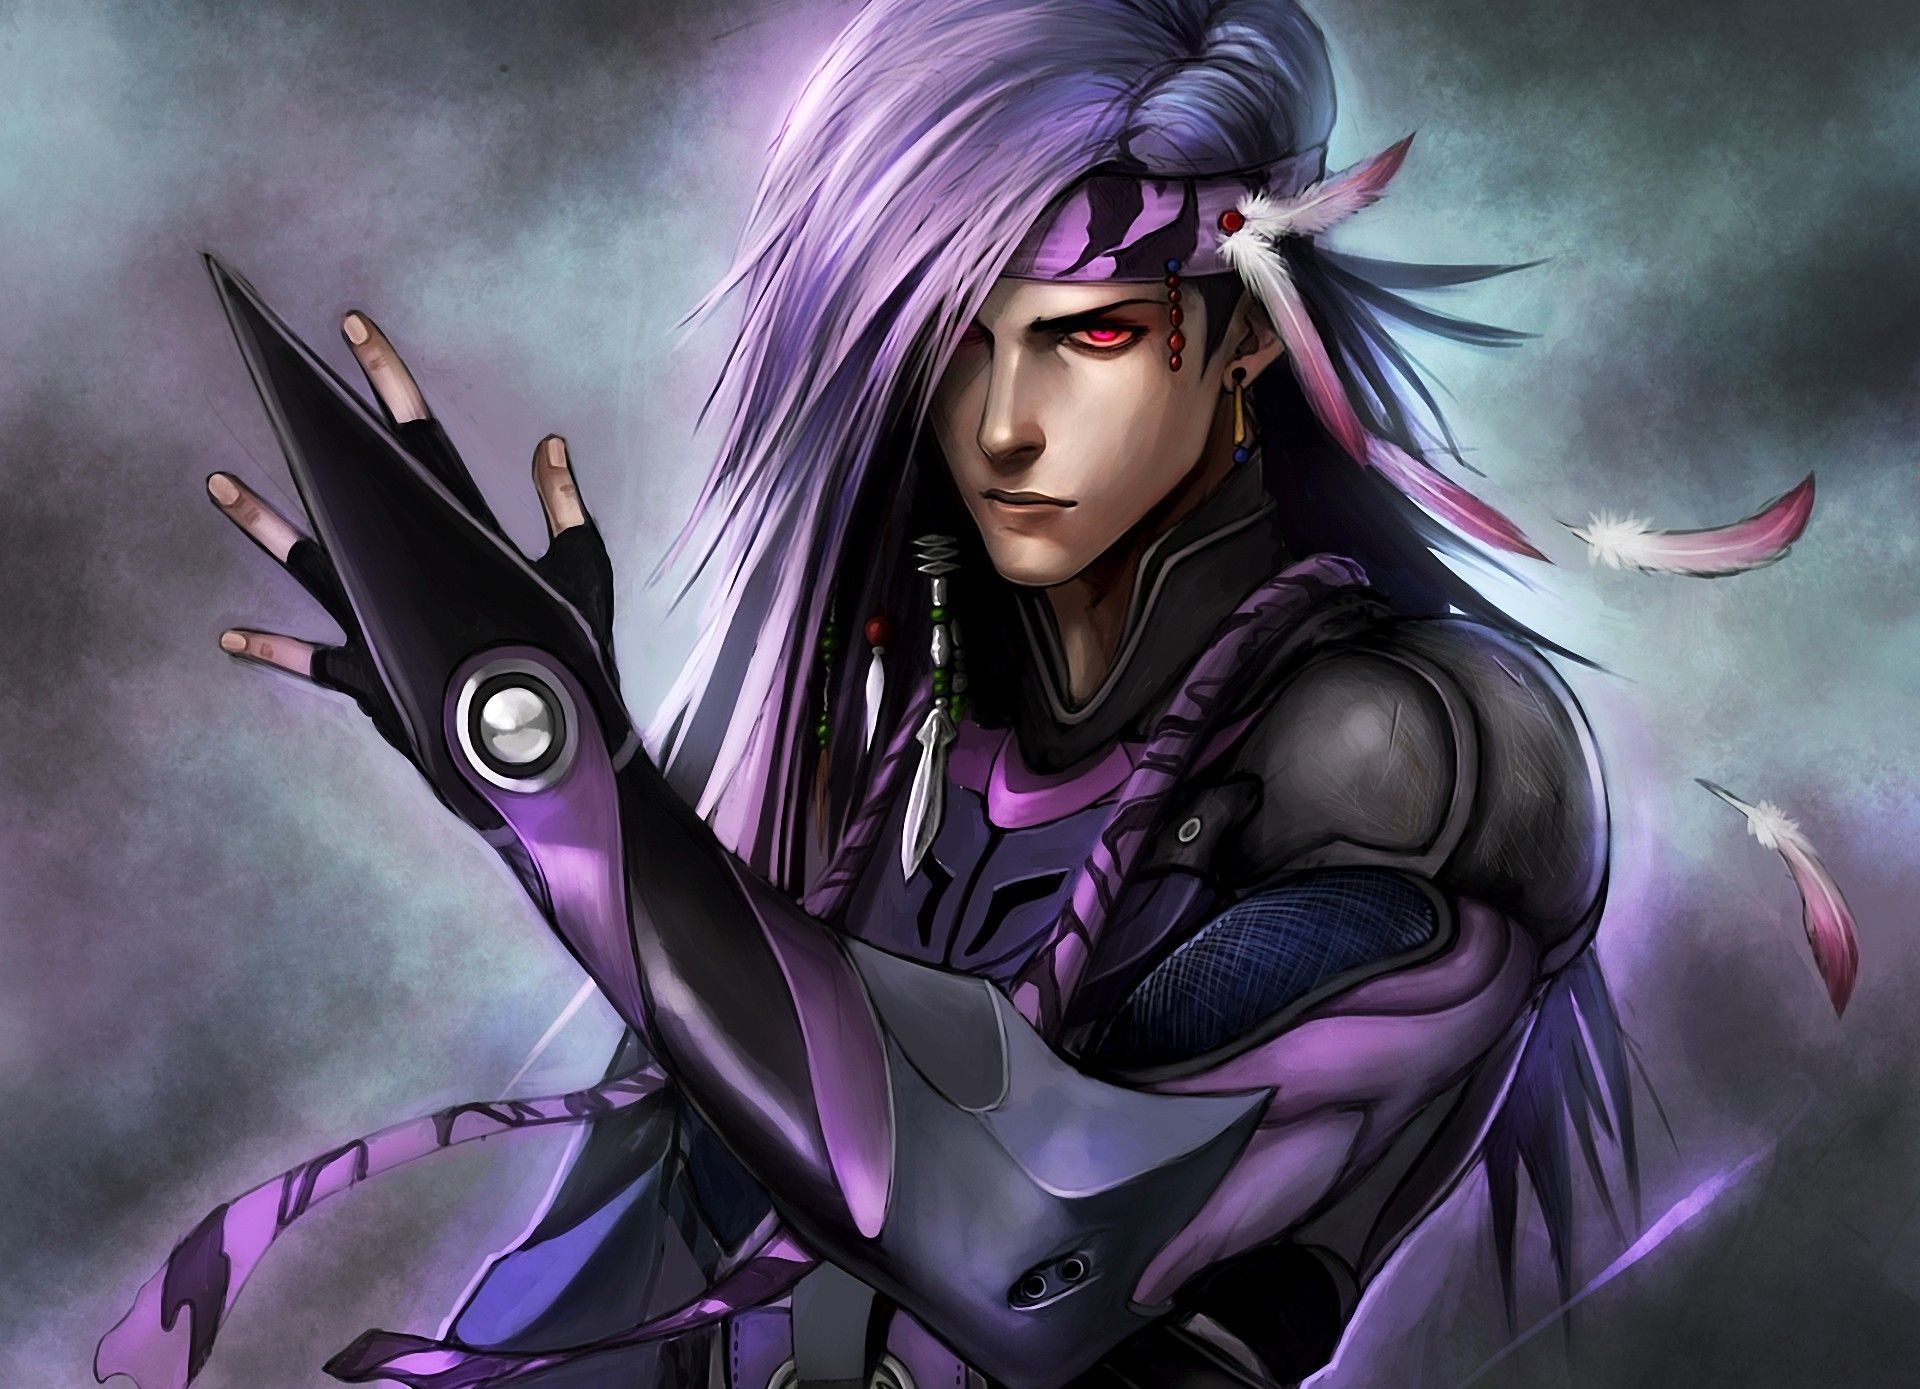 Final Fantasy Xiii 2 Caius Ballad Final Fantasy Art Final Fantasy Anime Fantasy